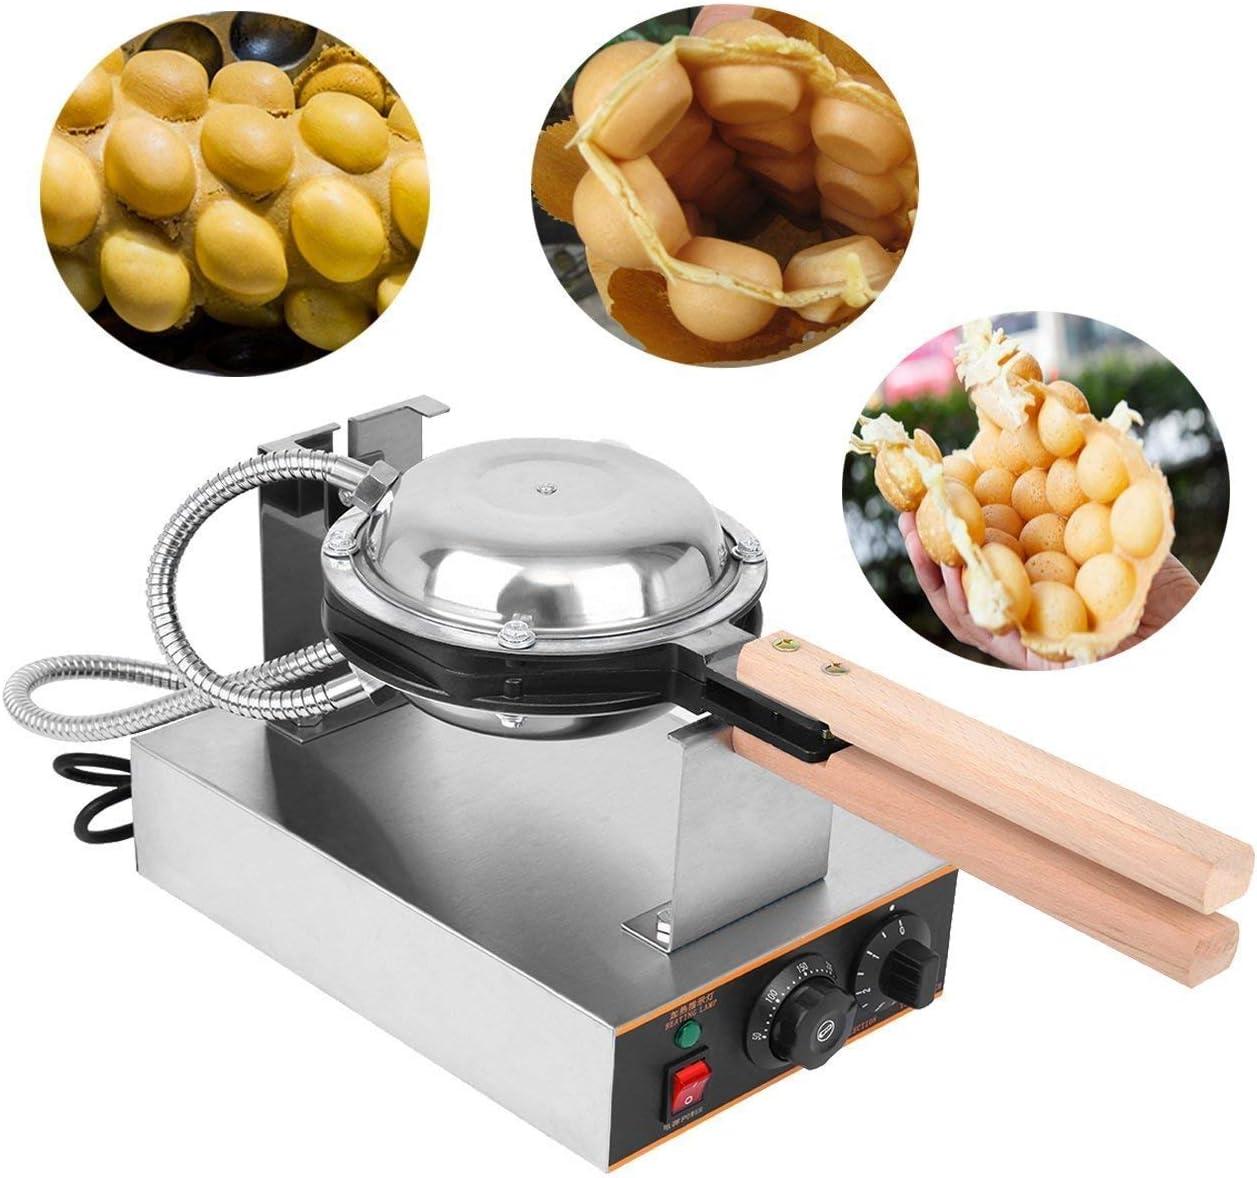 220V Elektrisch Ei Kuchen Waffeleisen Küche Ei-Bubble Backen 1400W Antihaft